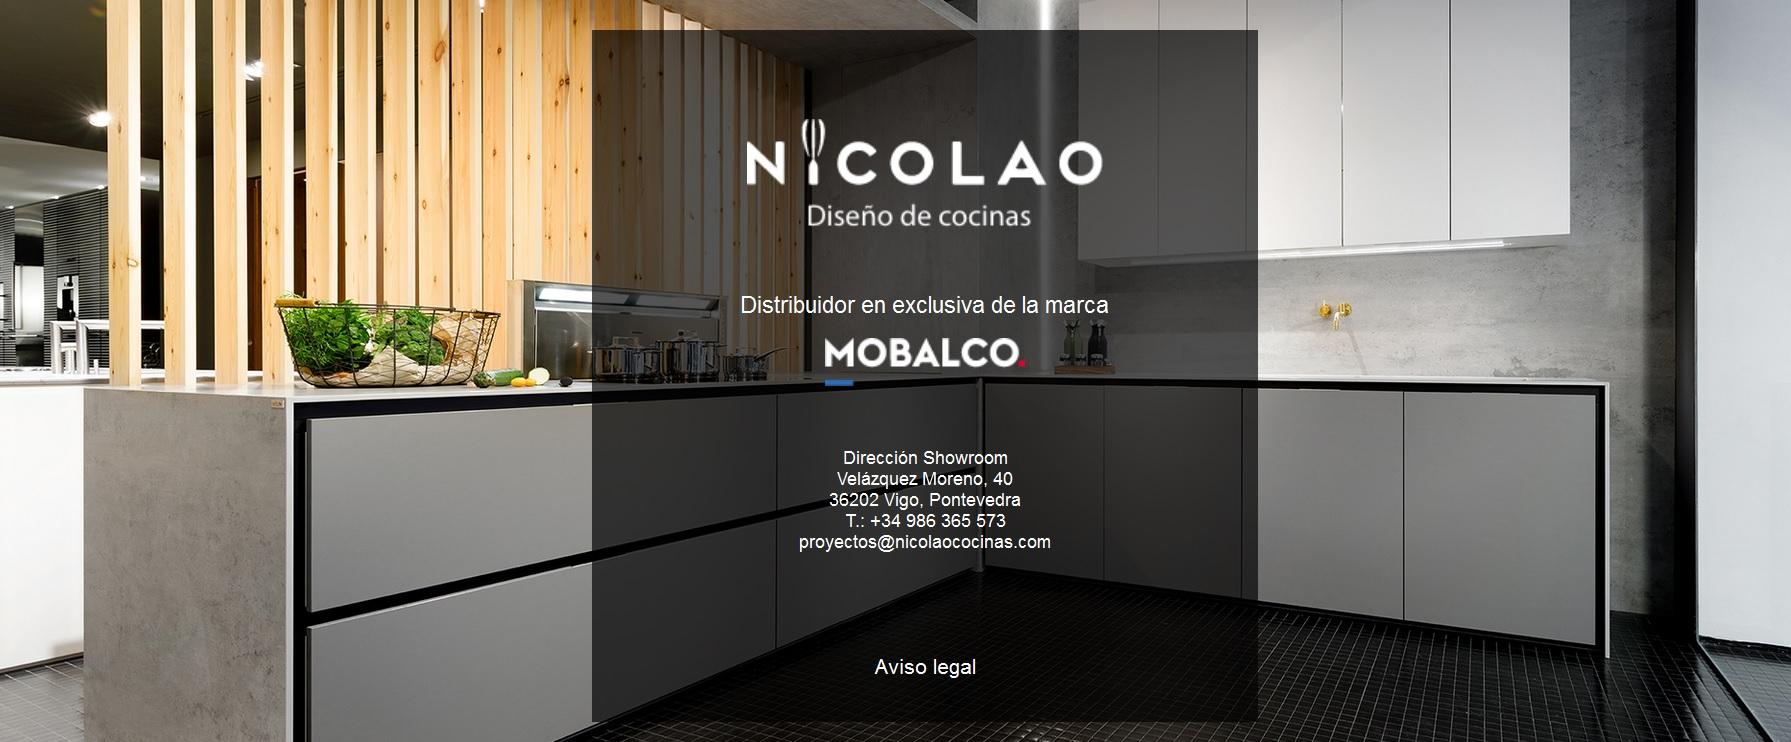 Estudio Nicolao